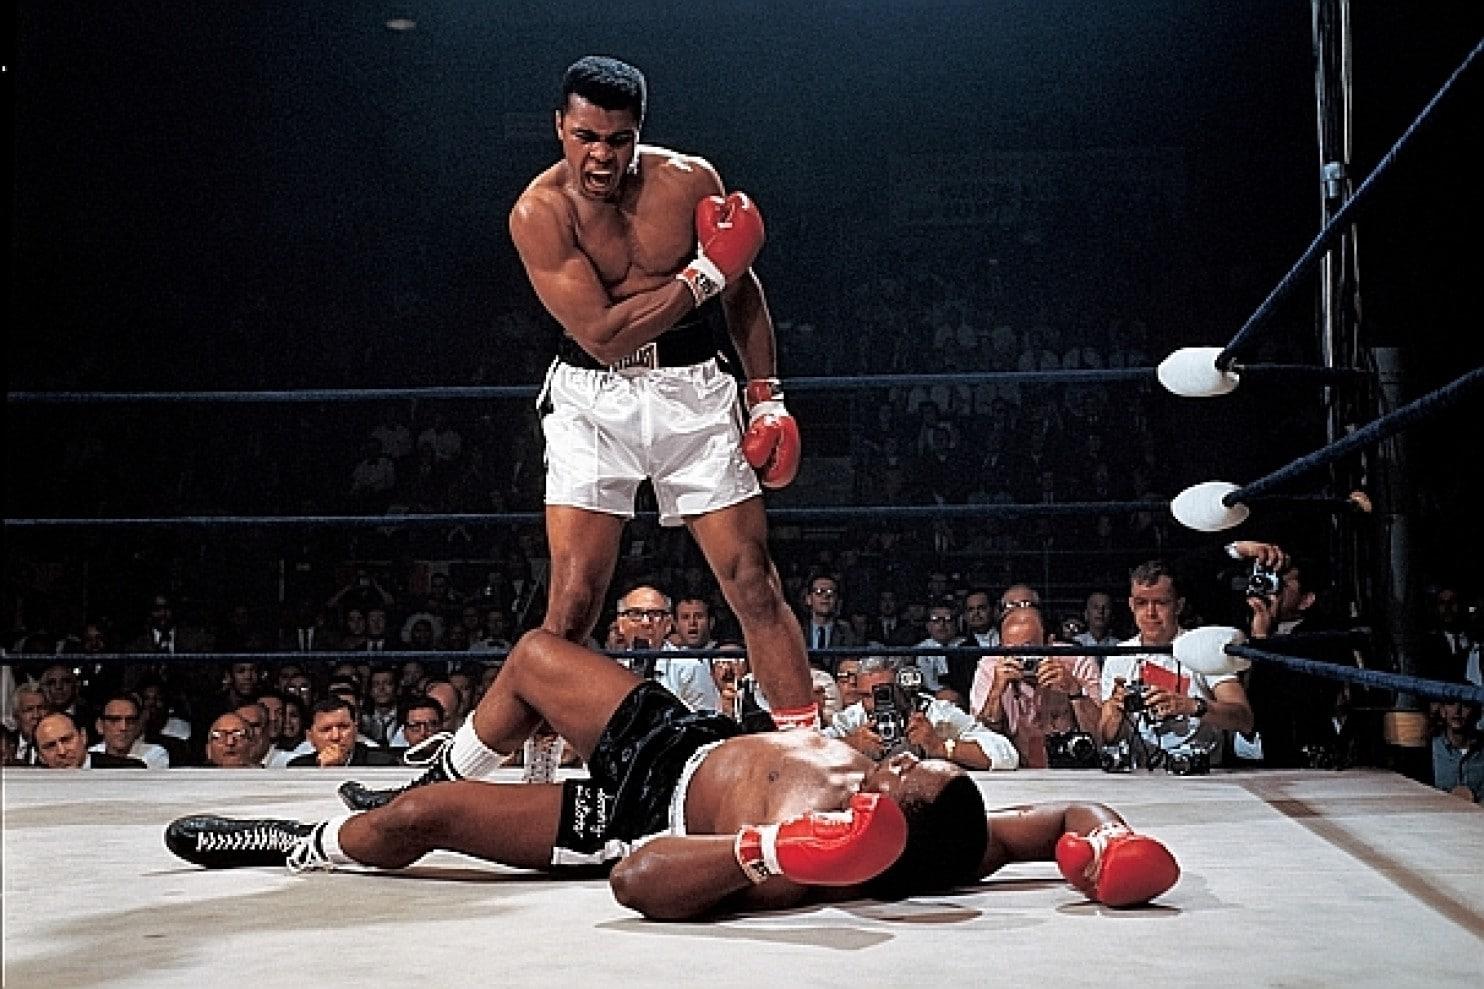 Ali 22 tuổi hạ gục Sonny Liston và trở thành nhà vô địch thế giới kinh điển lần đầu tiên